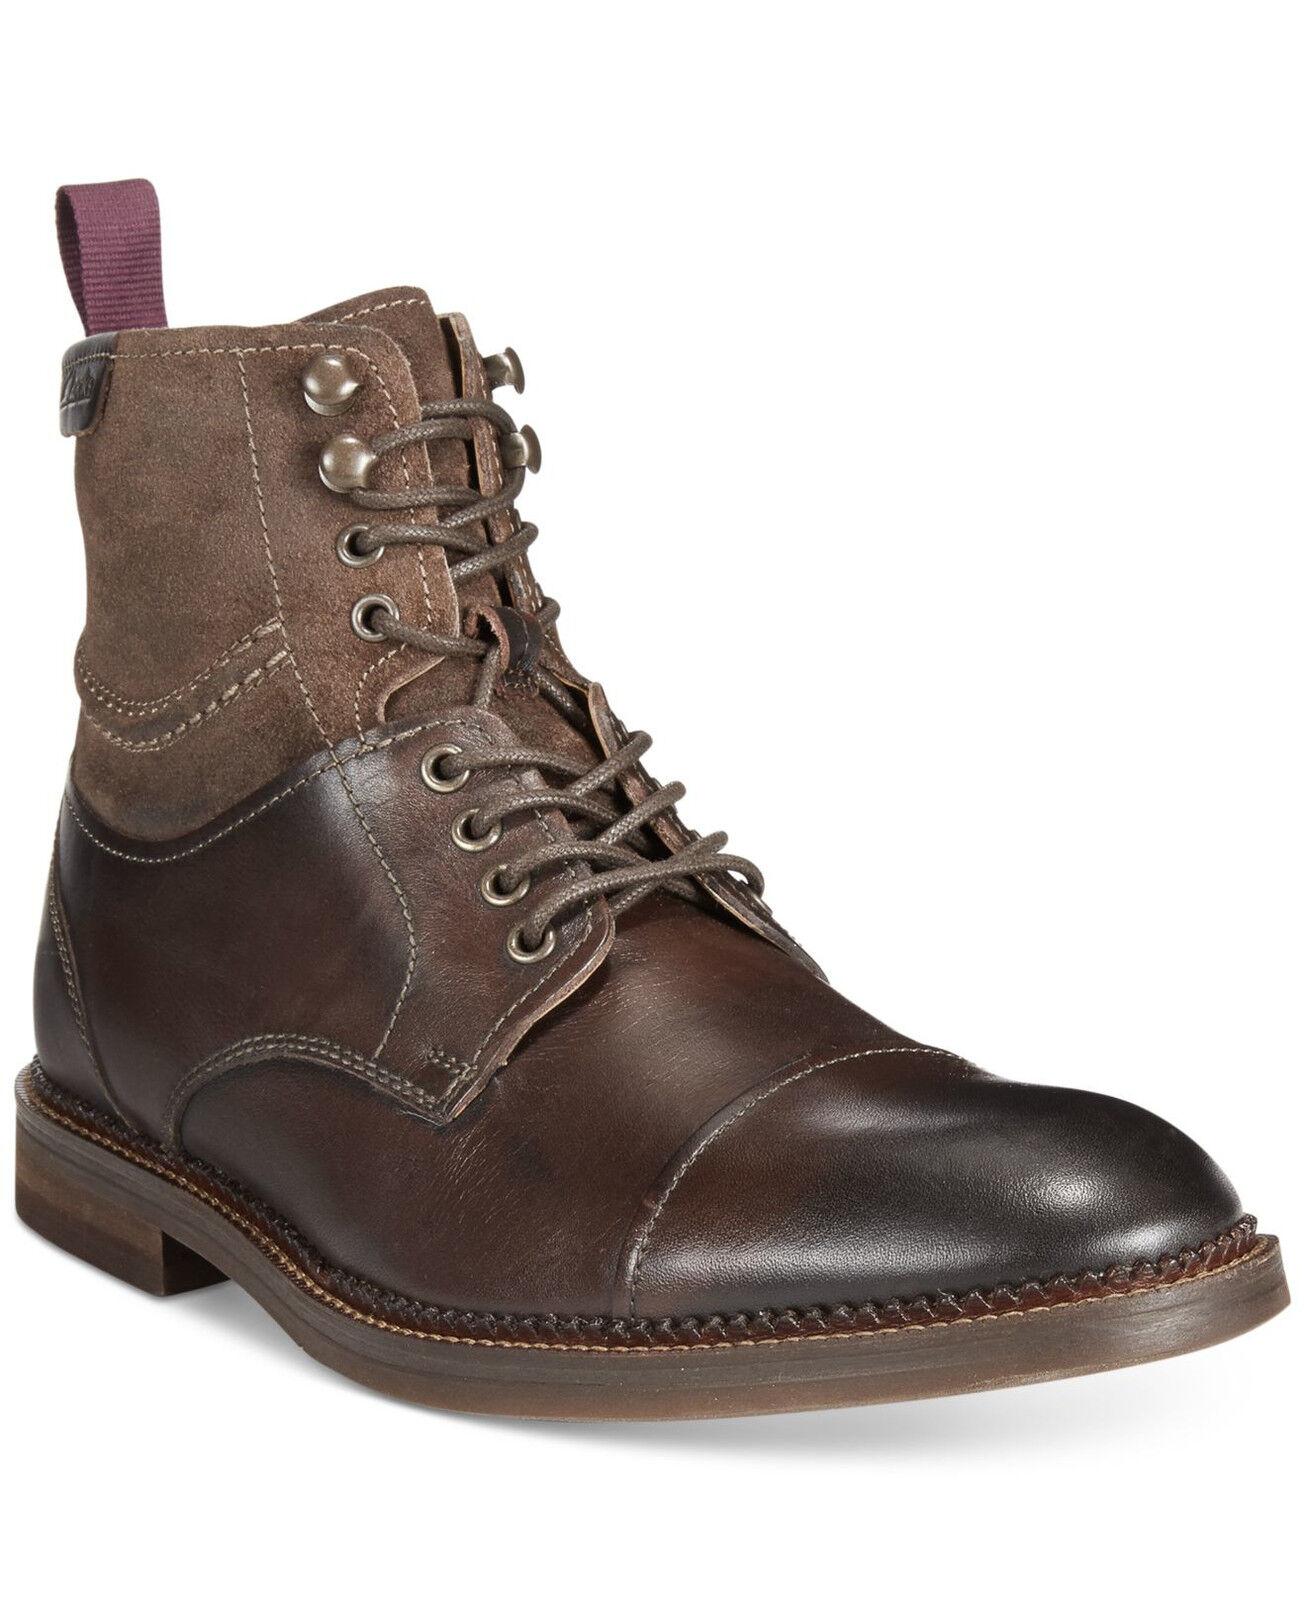 Grandes descuentos nuevos zapatos Polo Negro Tobillo Zapatillas Tamaño 11